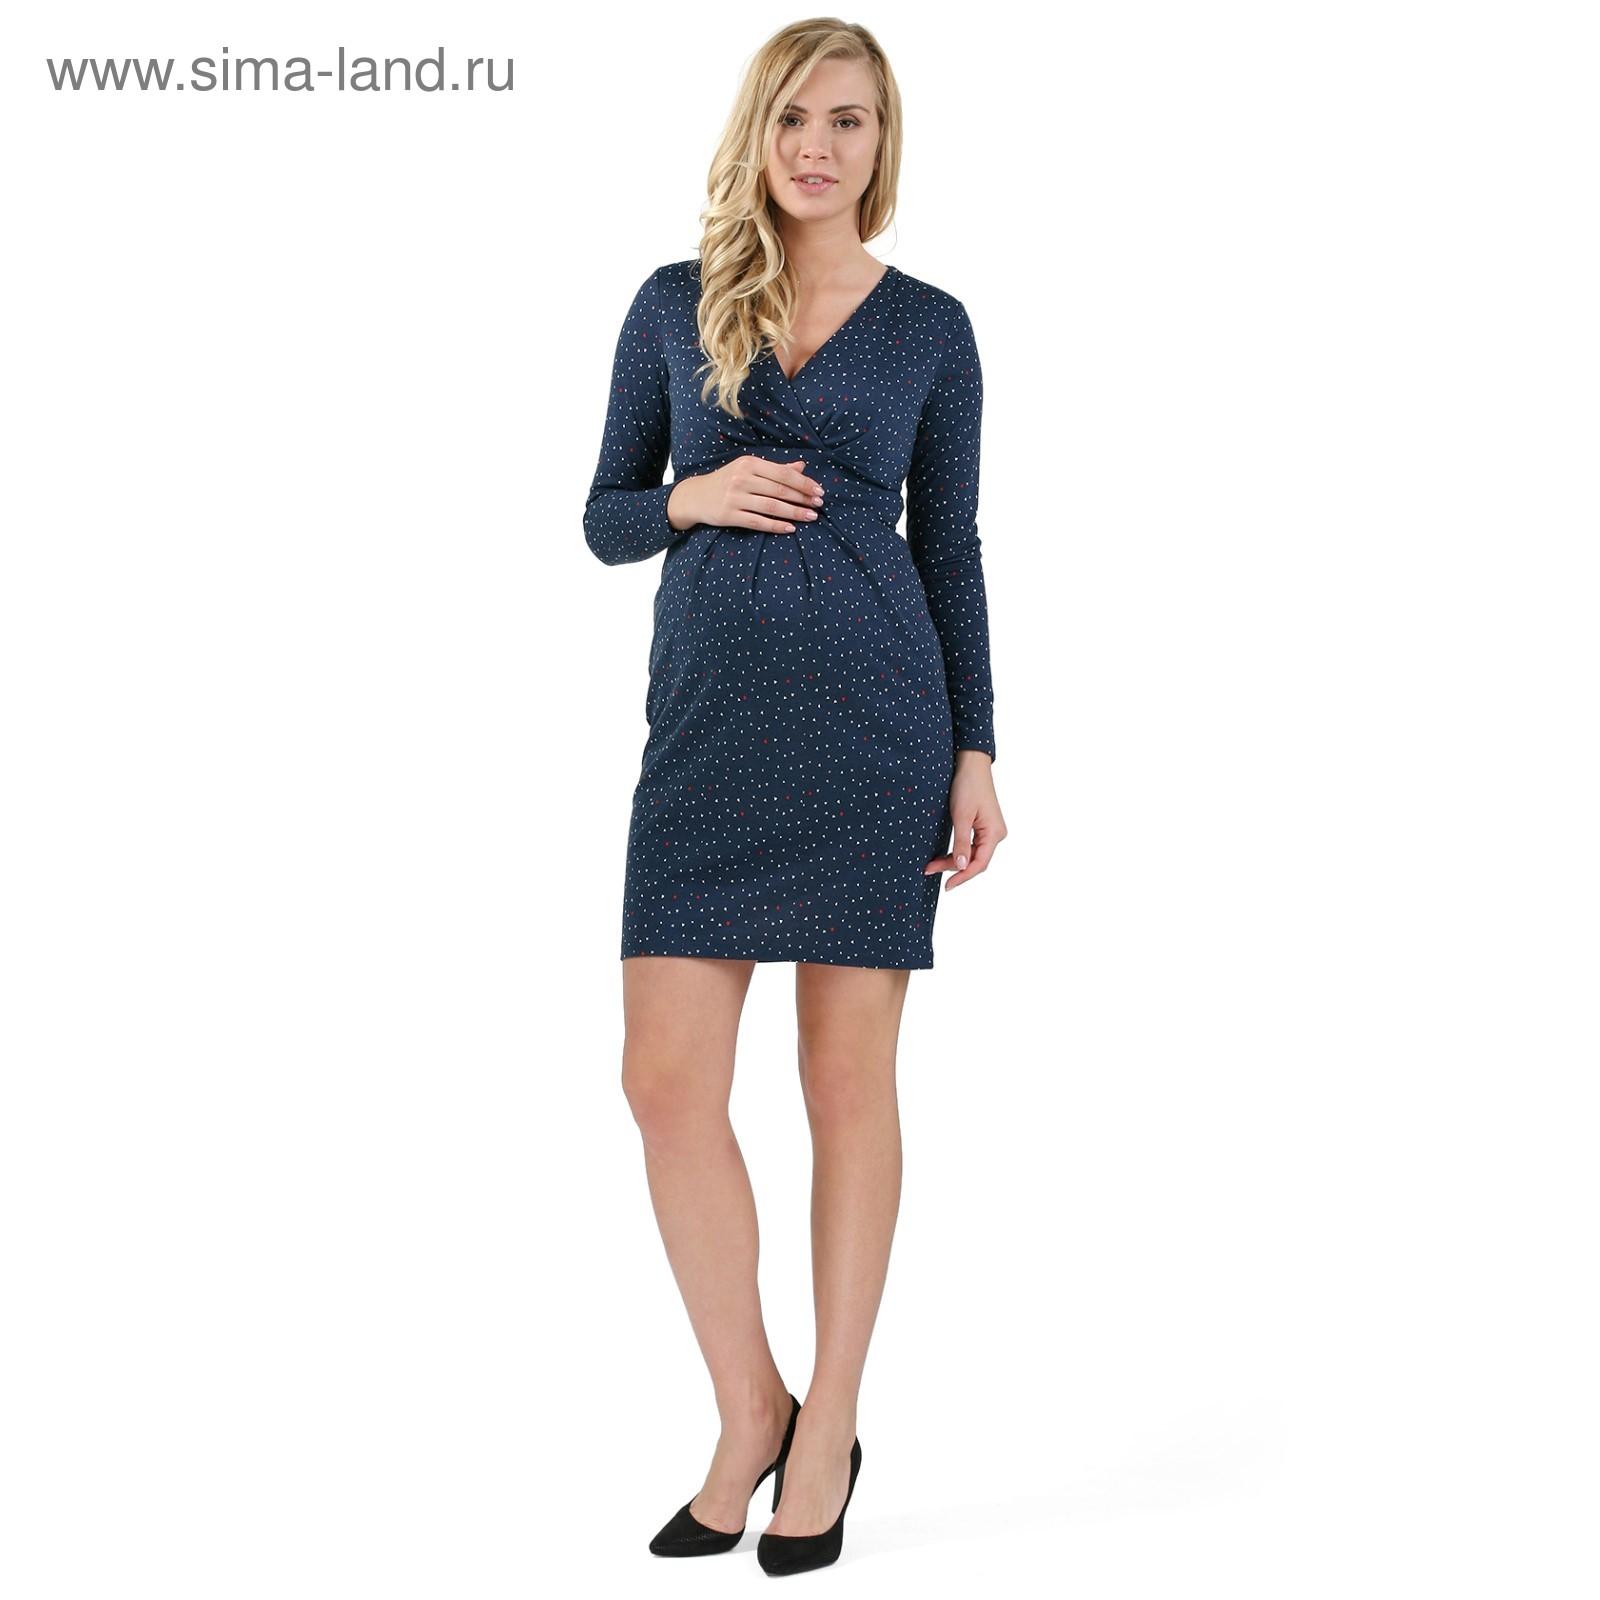 a7b709473fdf Платье для беременных и кормящих цвет синий, р-р 44 (3814476 ...